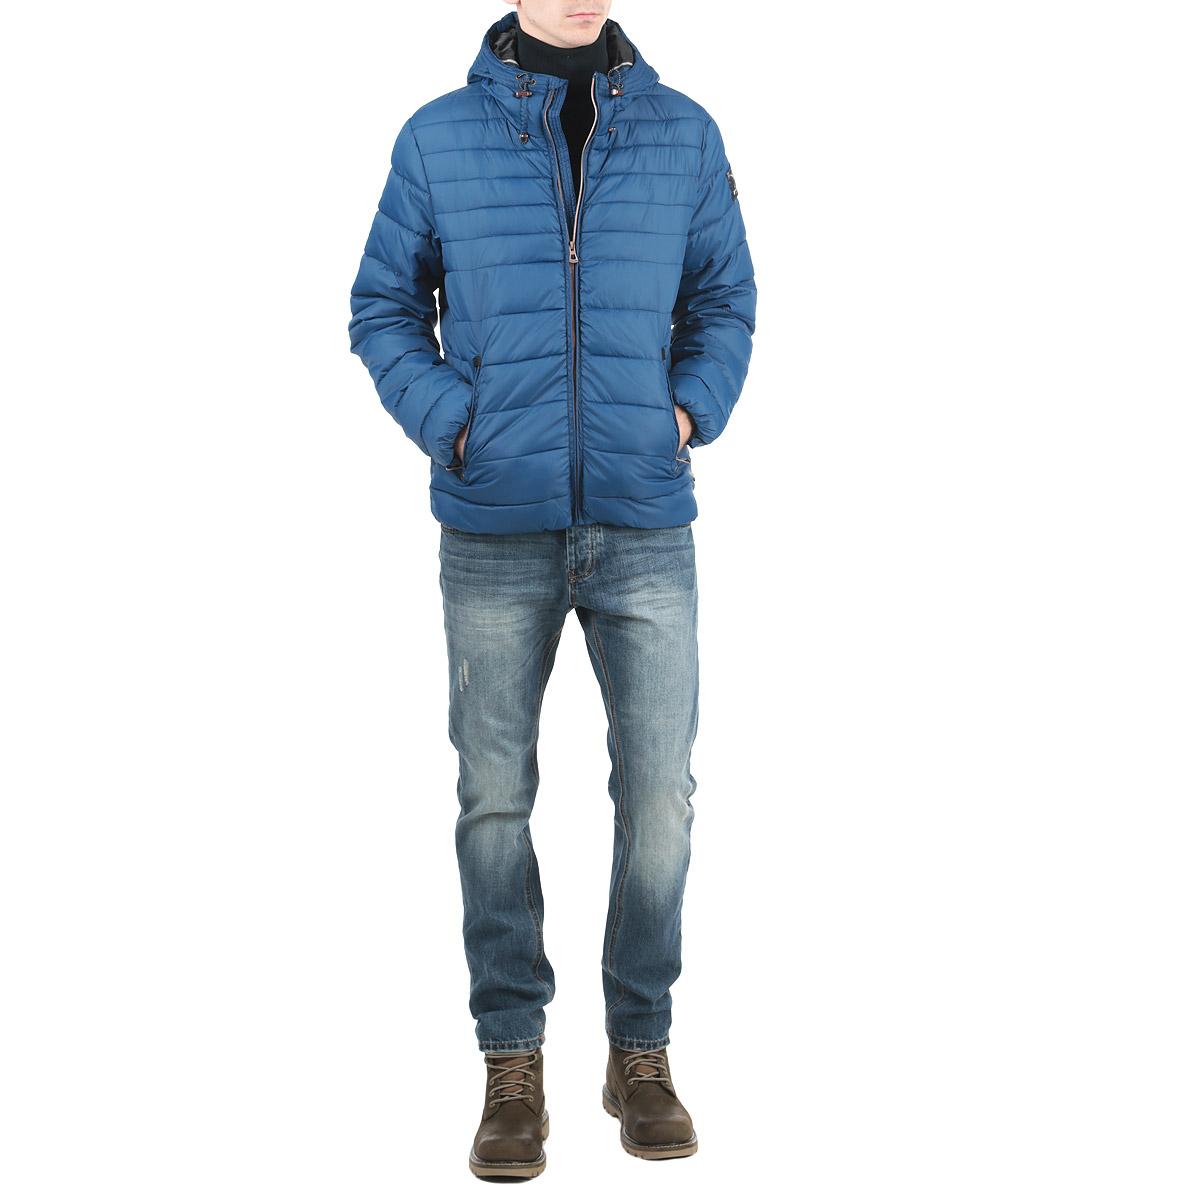 Куртка мужская. 1015307910153079_564Стильная мужская куртка Broadway отлично подойдет для прохладной погоды. Модель прямого кроя с капюшоном на кулиске застегивается на застежку-молнию с защитой подбородка. Куртка оформлена стеганой отстрочкой и дополнена двумя карманами на застежке-молнии. На внутренней стороне - прорезной карман на липучке. Капюшон изделия несъемный. Манжеты рукавов и низ изделия стянуты резинкой, что препятствует проникновению холодного воздуха. Утеплитель выполнен из синтепона. Эта модная куртка послужит отличным дополнением к вашему гардеробу.